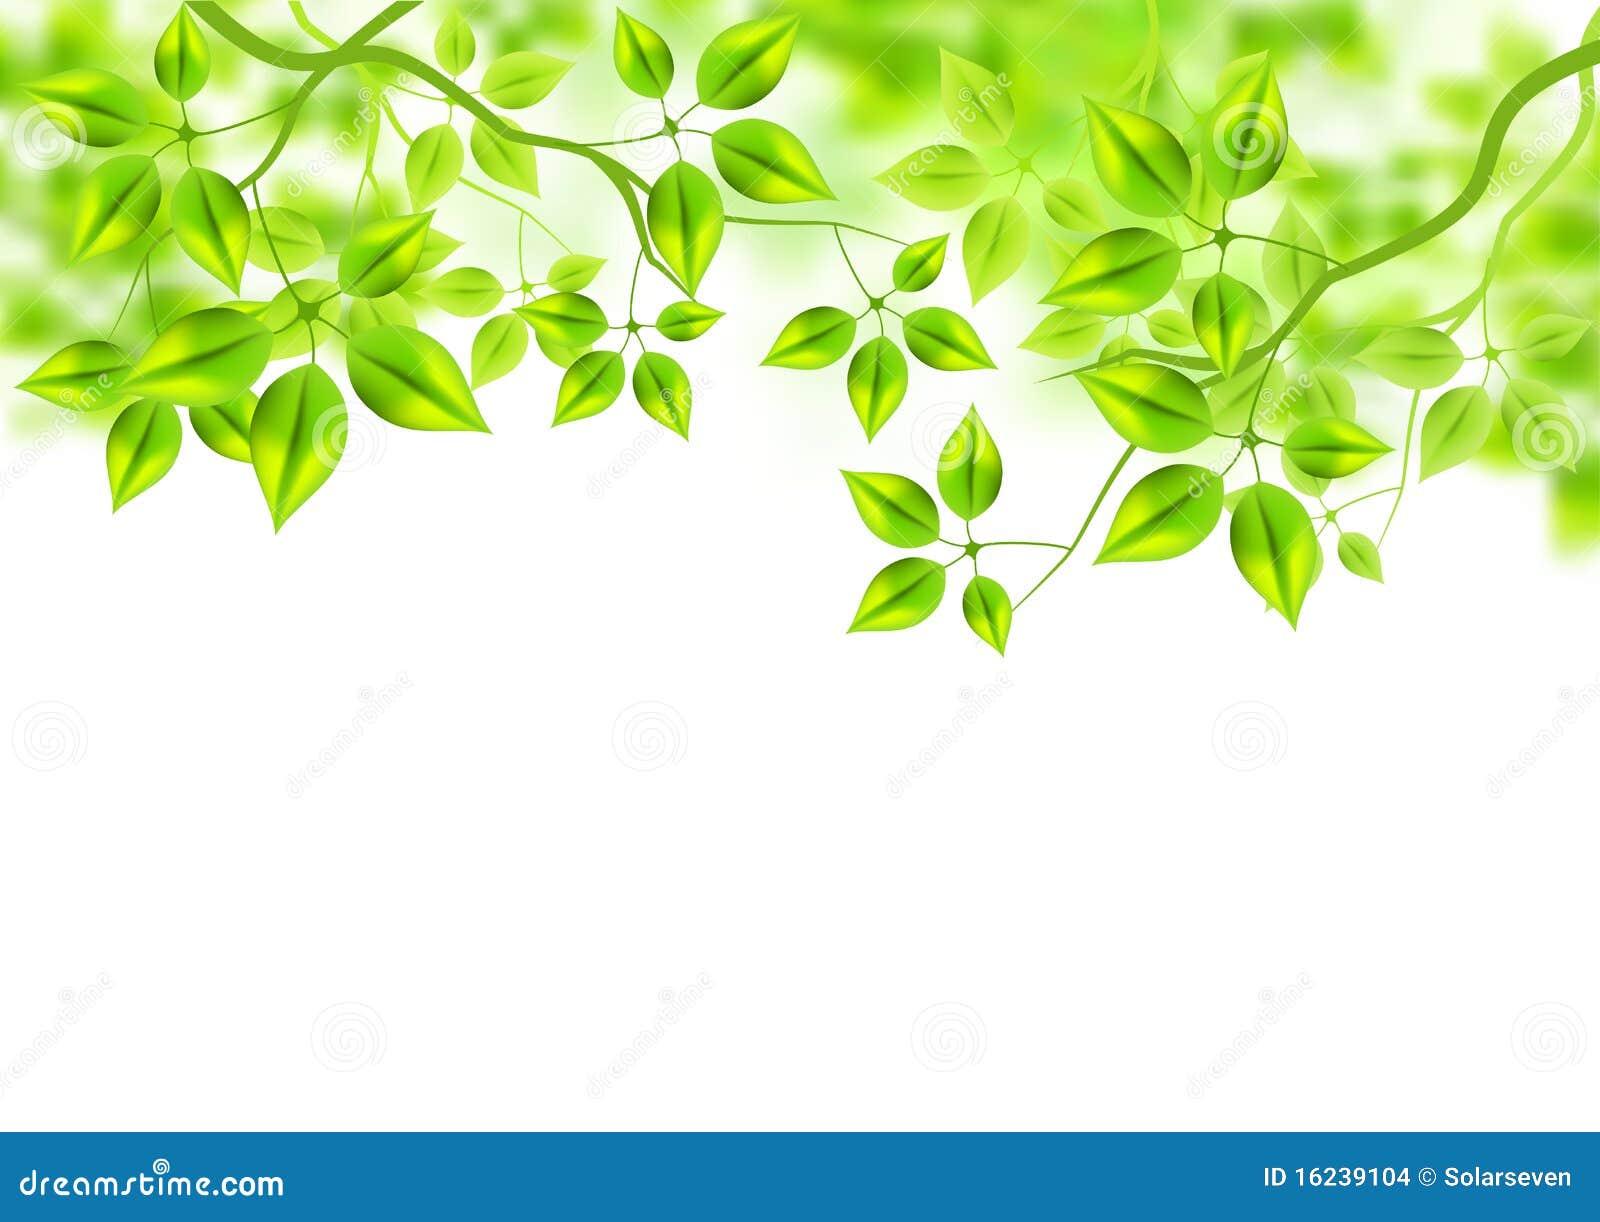 Neuer grüner Hintergrund